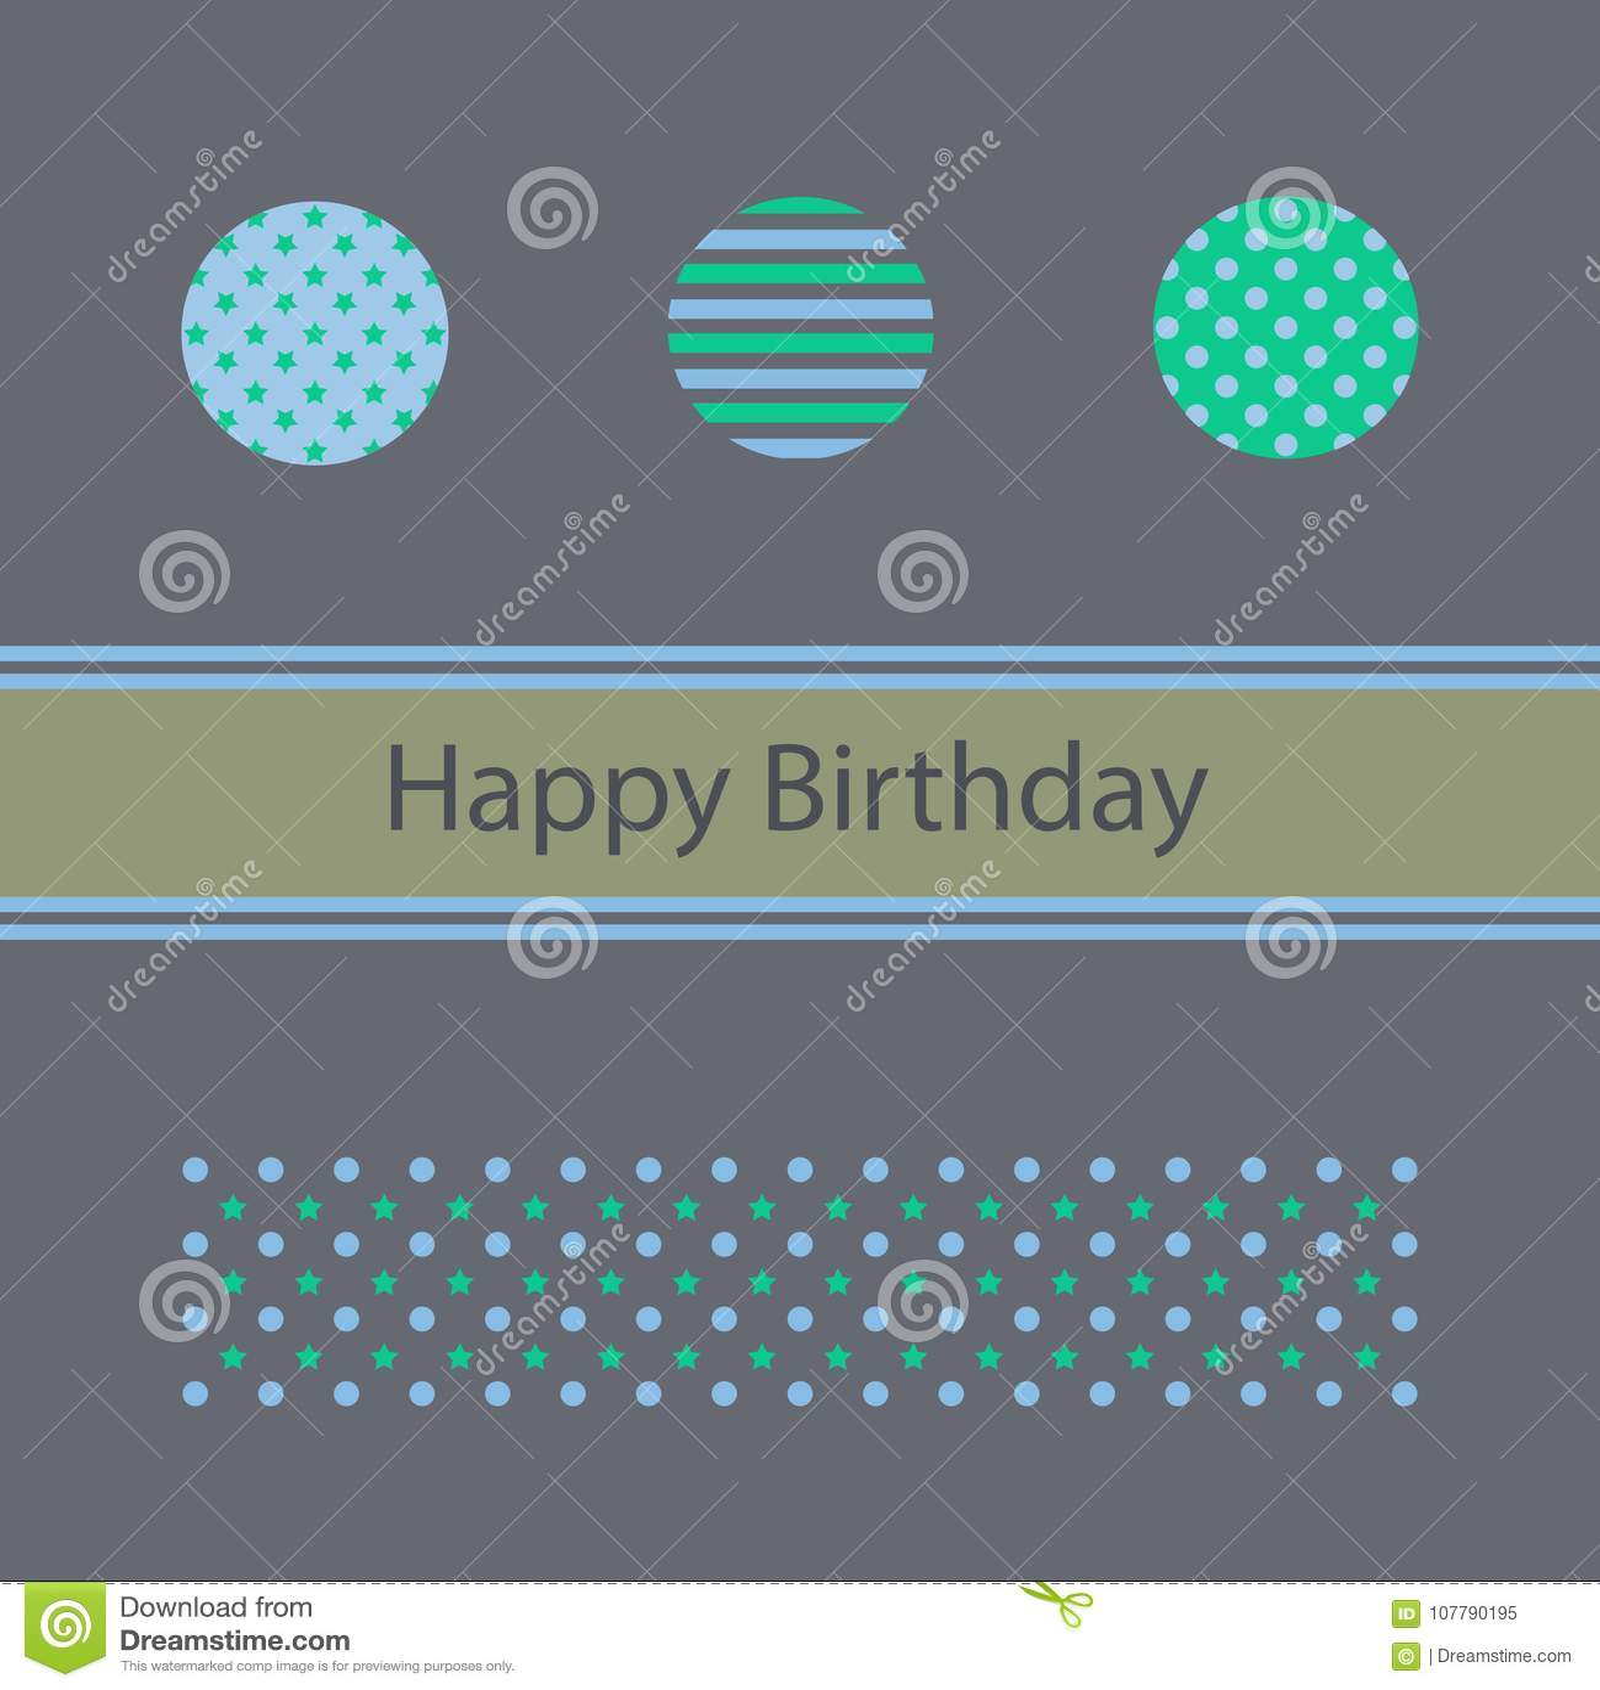 Wszystkiego najlepszego z okazji urodzin karta, minimalistyczny projekt